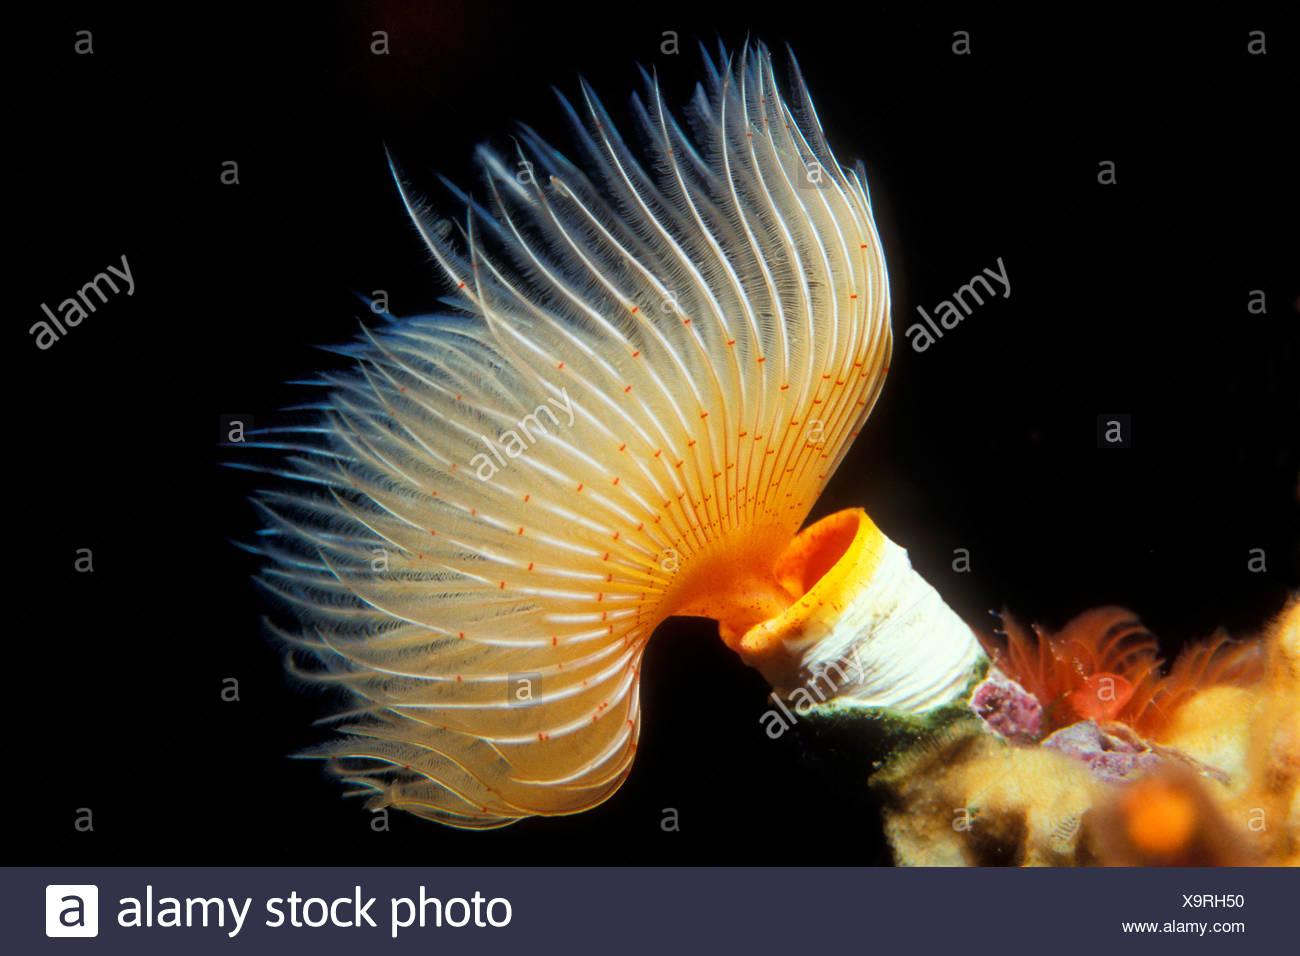 Tube Worm, Protula sp., Vis, Dalmatia, Adriatic Sea, Croatia Stock Photo